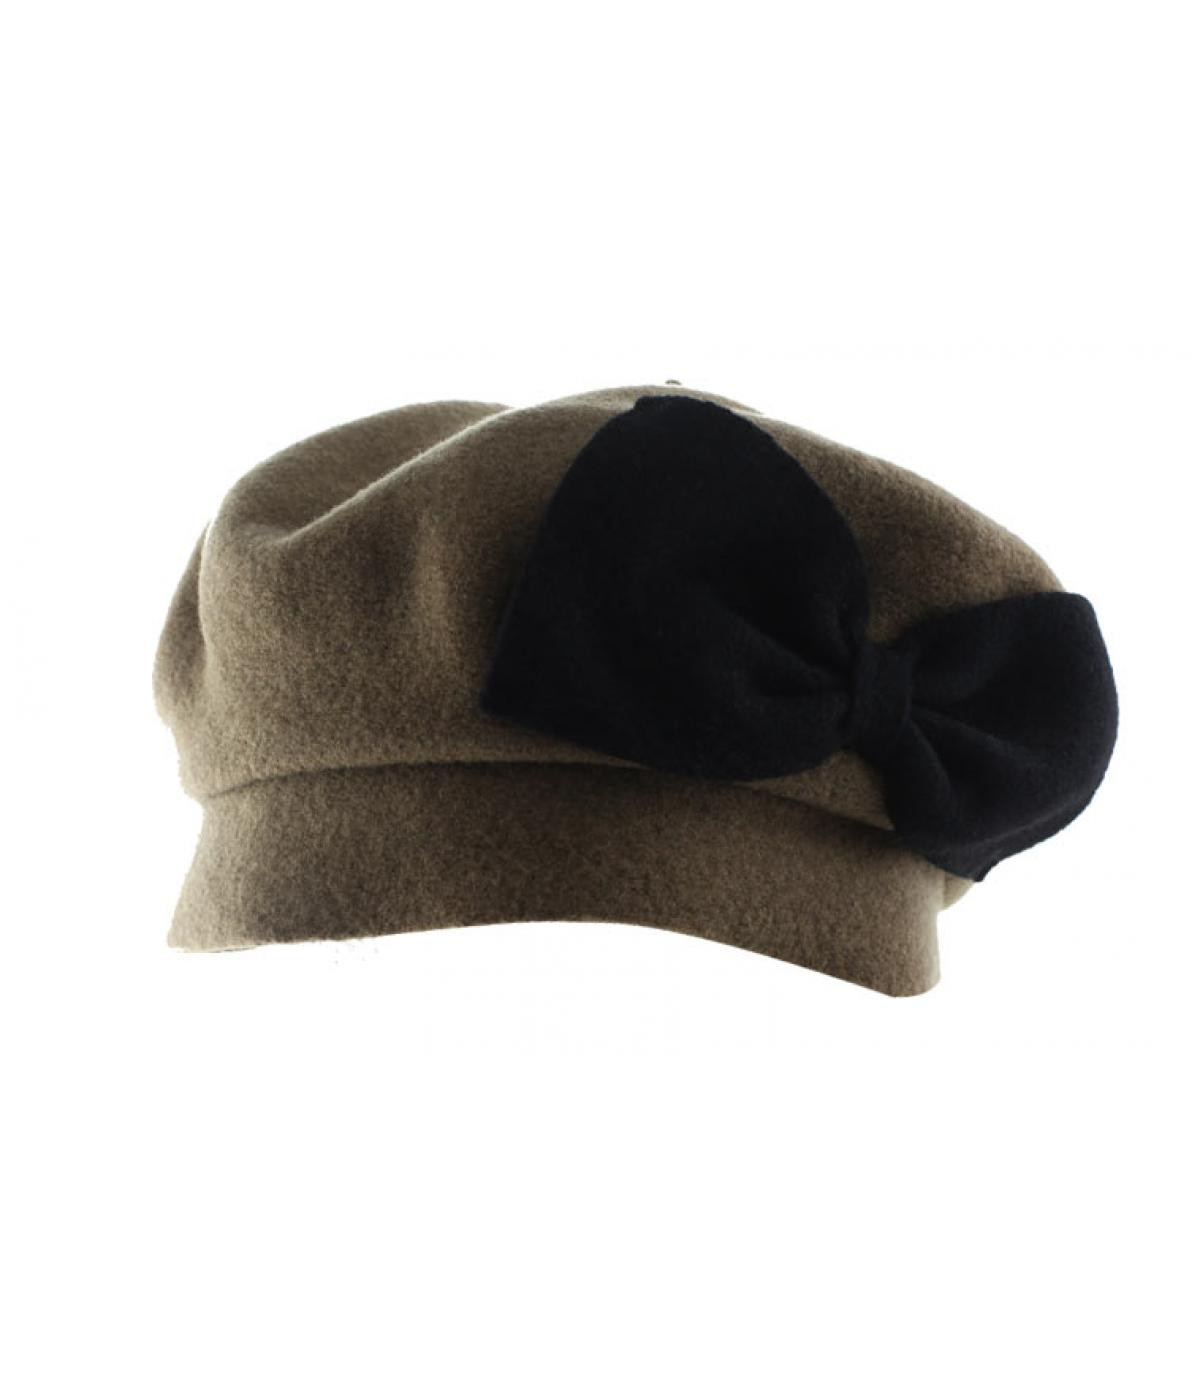 zwarte strik beige baret